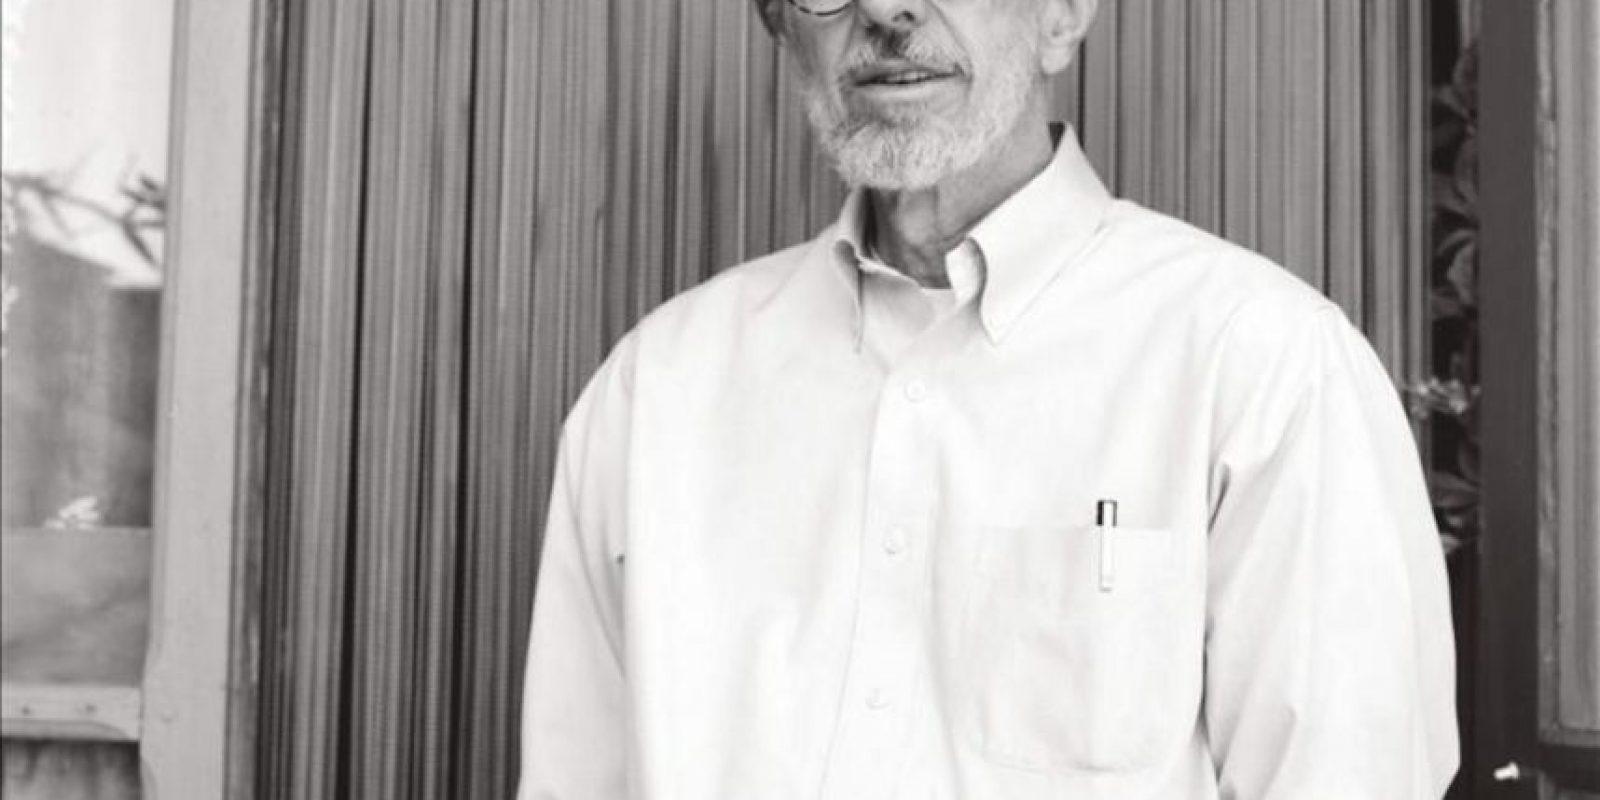 Imagen del dibujante Robert Crumb, de 2011, cedida por el Museo de Arte Moderno de la ciudad de París a quien este centro le dedica una amplia retrospectiva sobre las cinco décadas que el estadounidense lleva instalado en la provocación. EFE